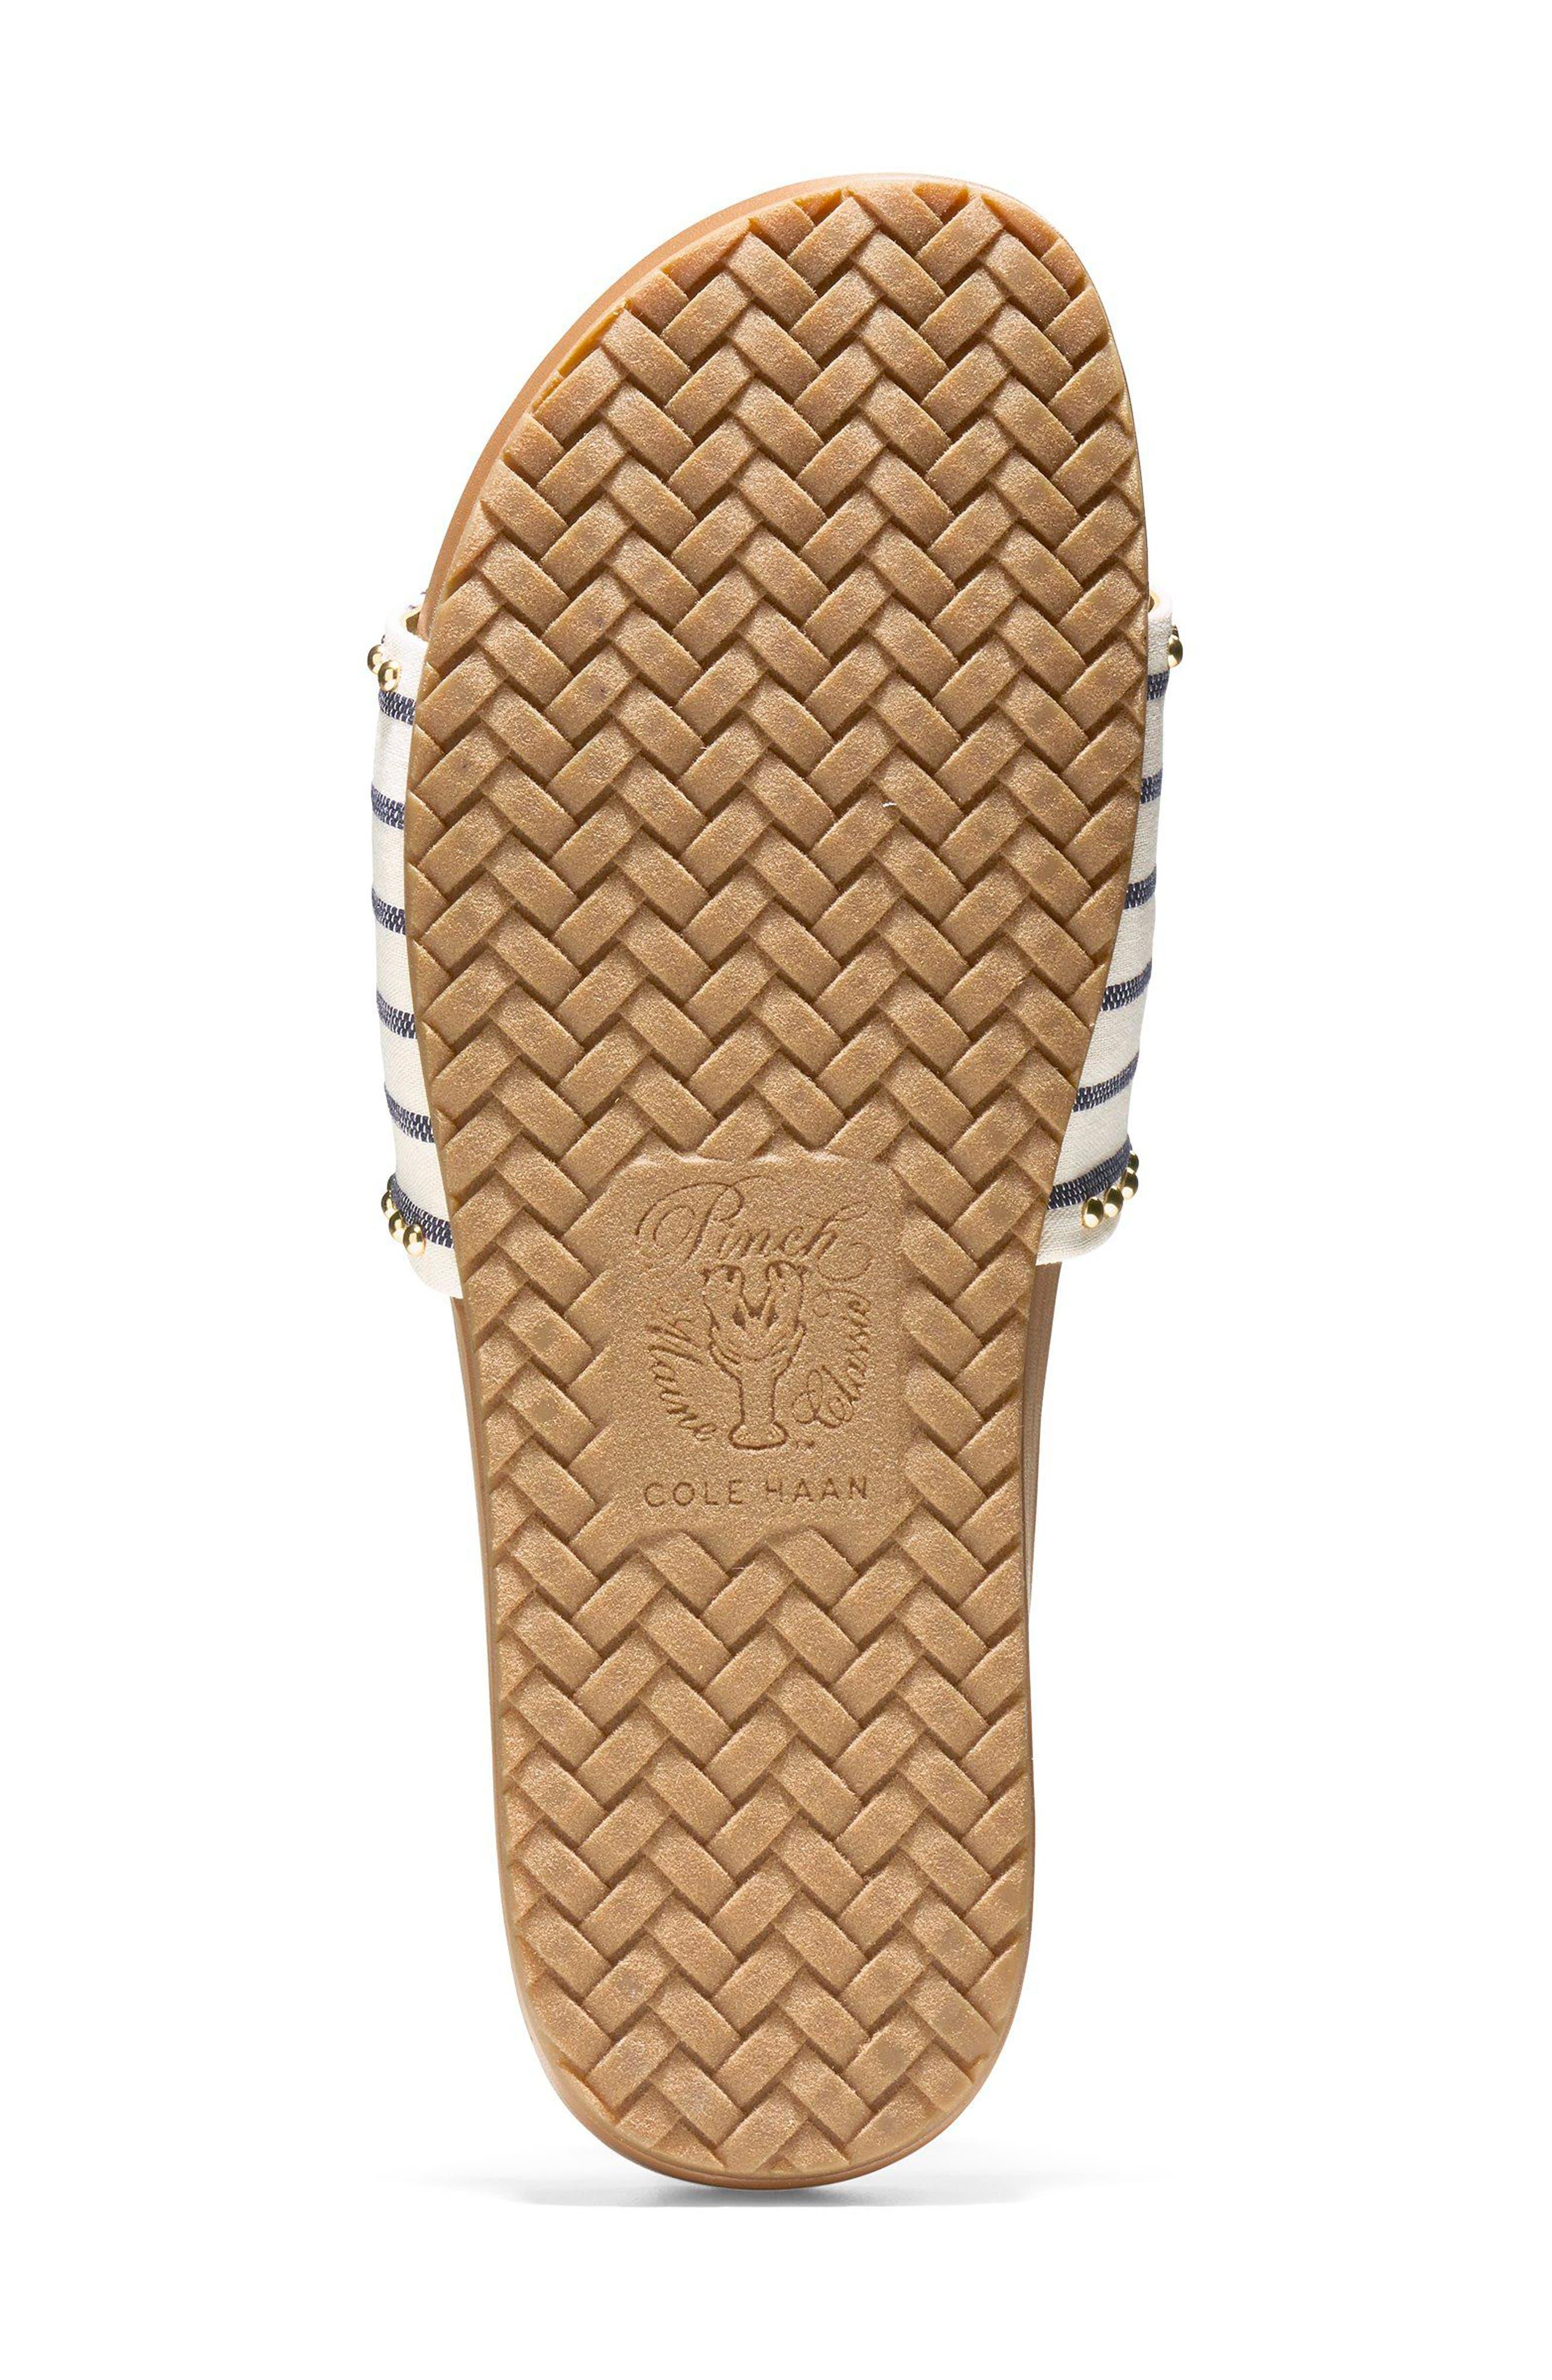 Pinch Montauk Lobster Slide Sandal,                             Alternate thumbnail 16, color,